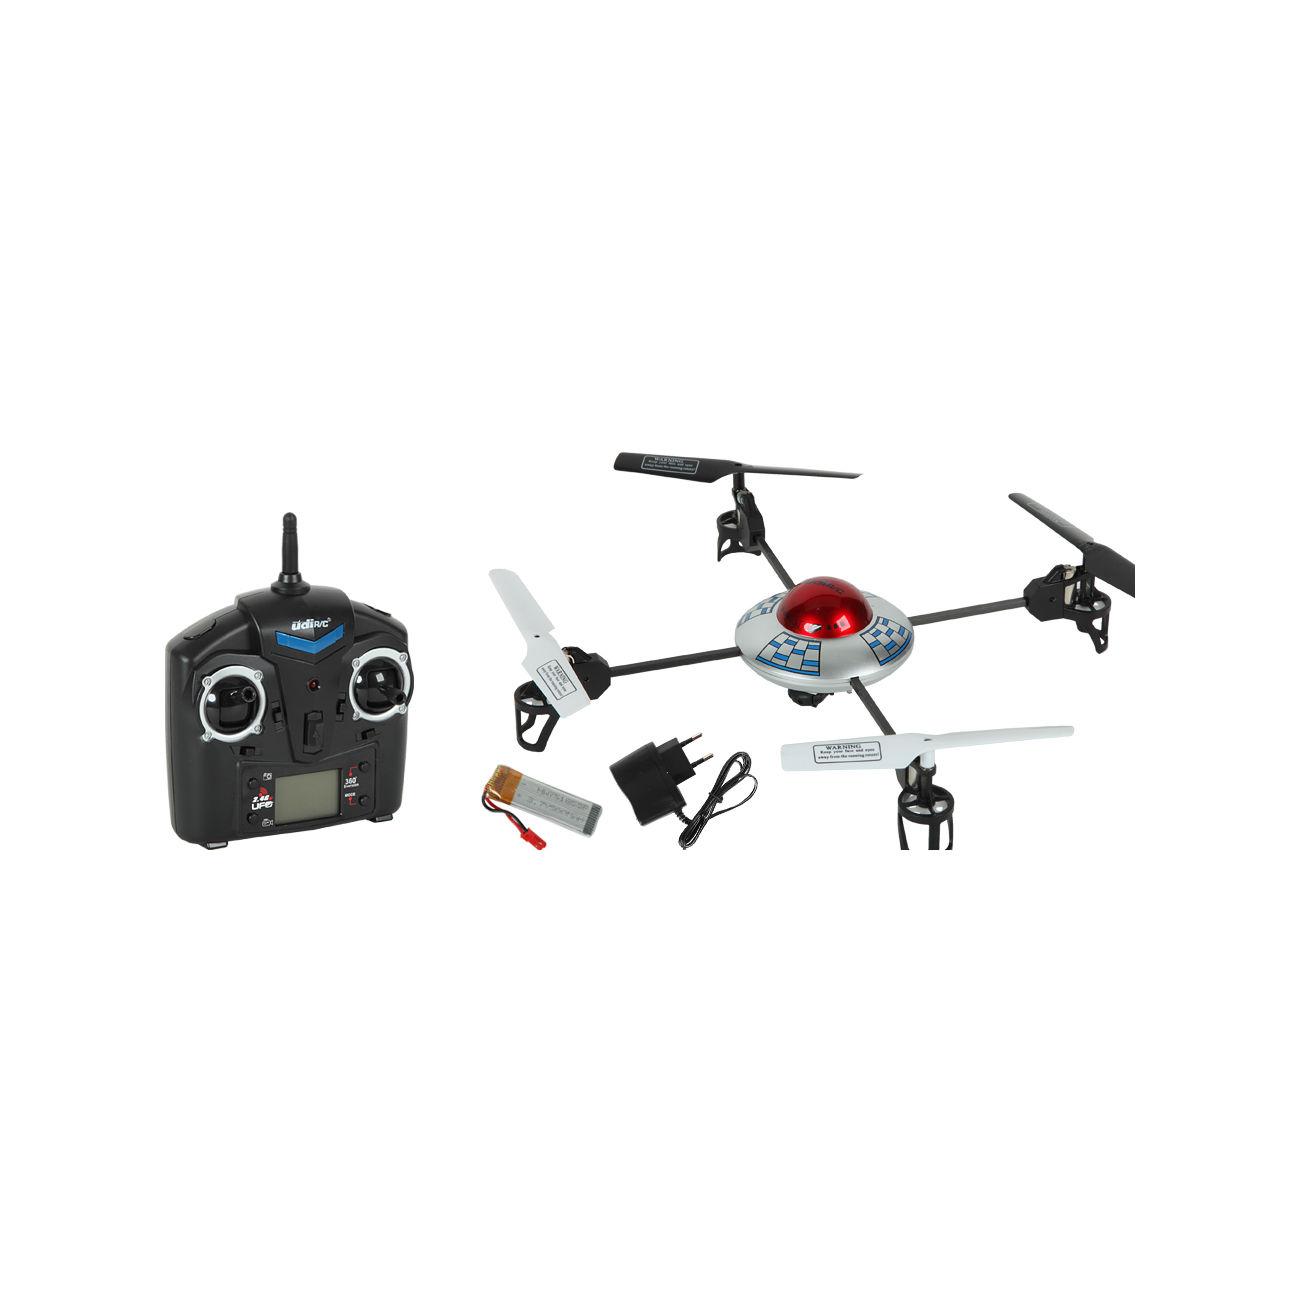 rc quadrocopter xxl ufo u817c mit kamera 4 kanal 2 4 ghz rtf kotte zeller. Black Bedroom Furniture Sets. Home Design Ideas